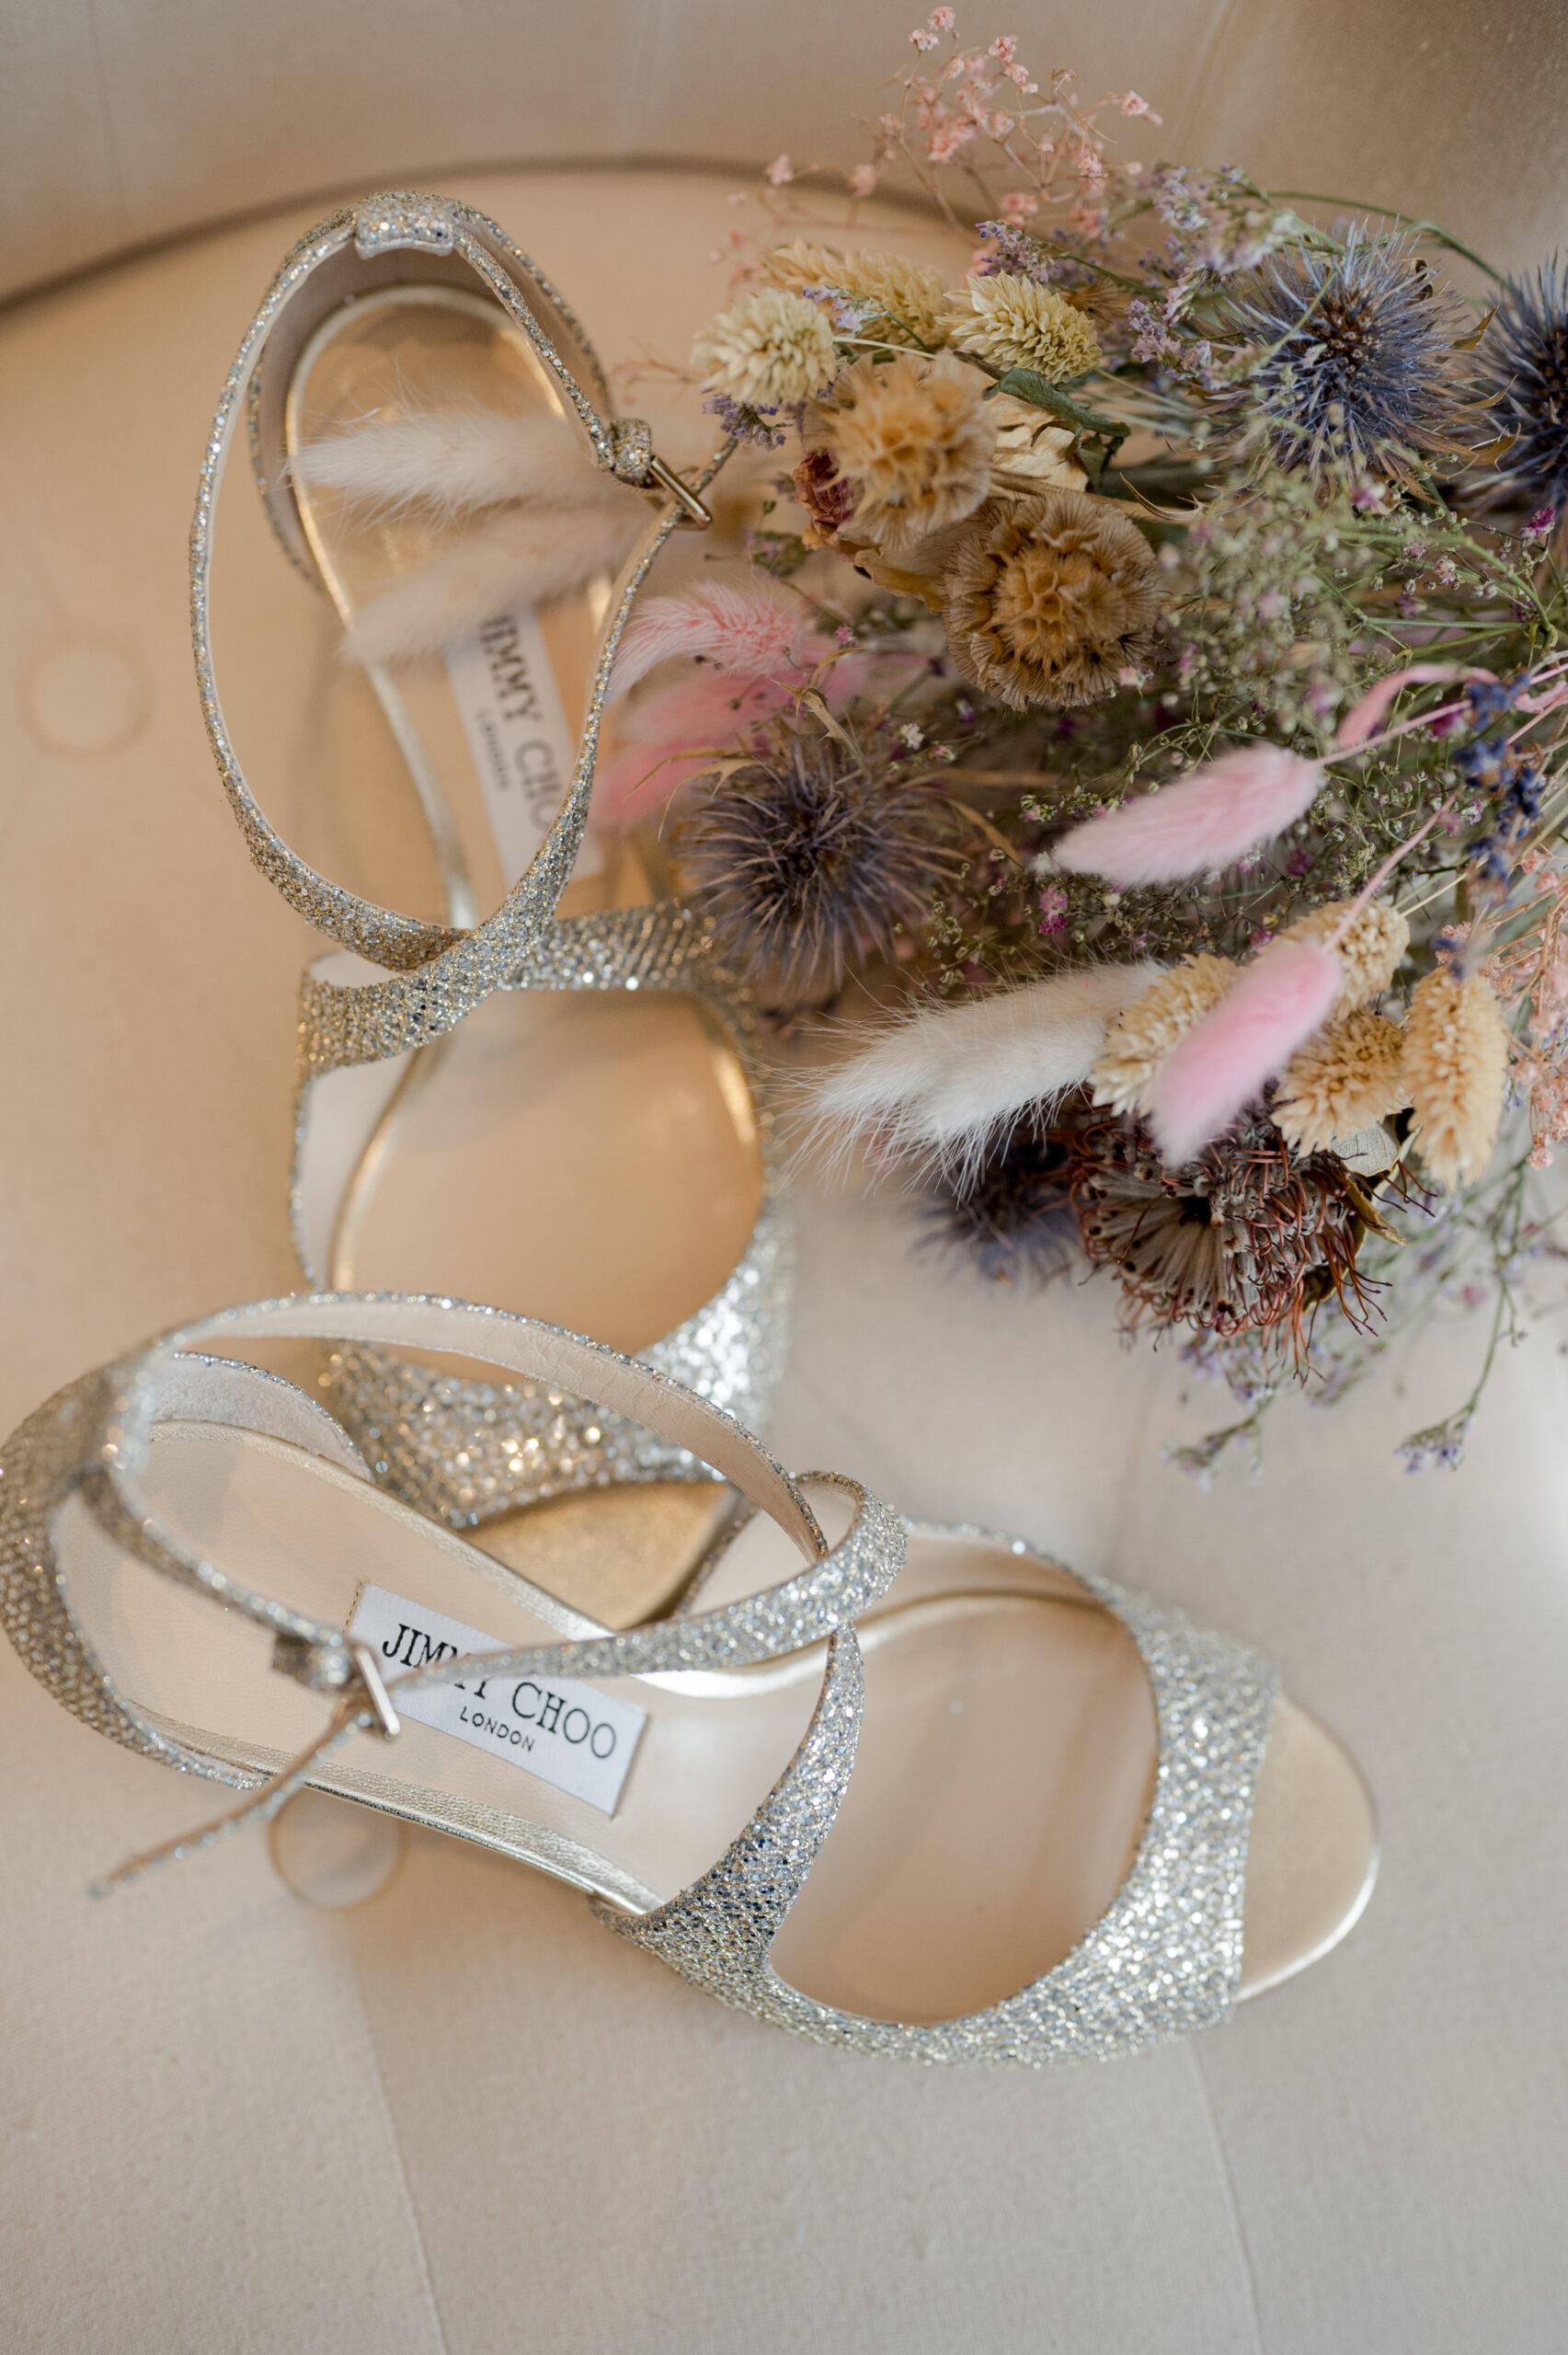 D Day Wedding Planner La Rochelle Wedding Planner Charente-Maritime Chaussures de mariée chaussure de mariage wedding shoes shoes addict sequin strass paillettes argenté fleurs de mariage mariée marié